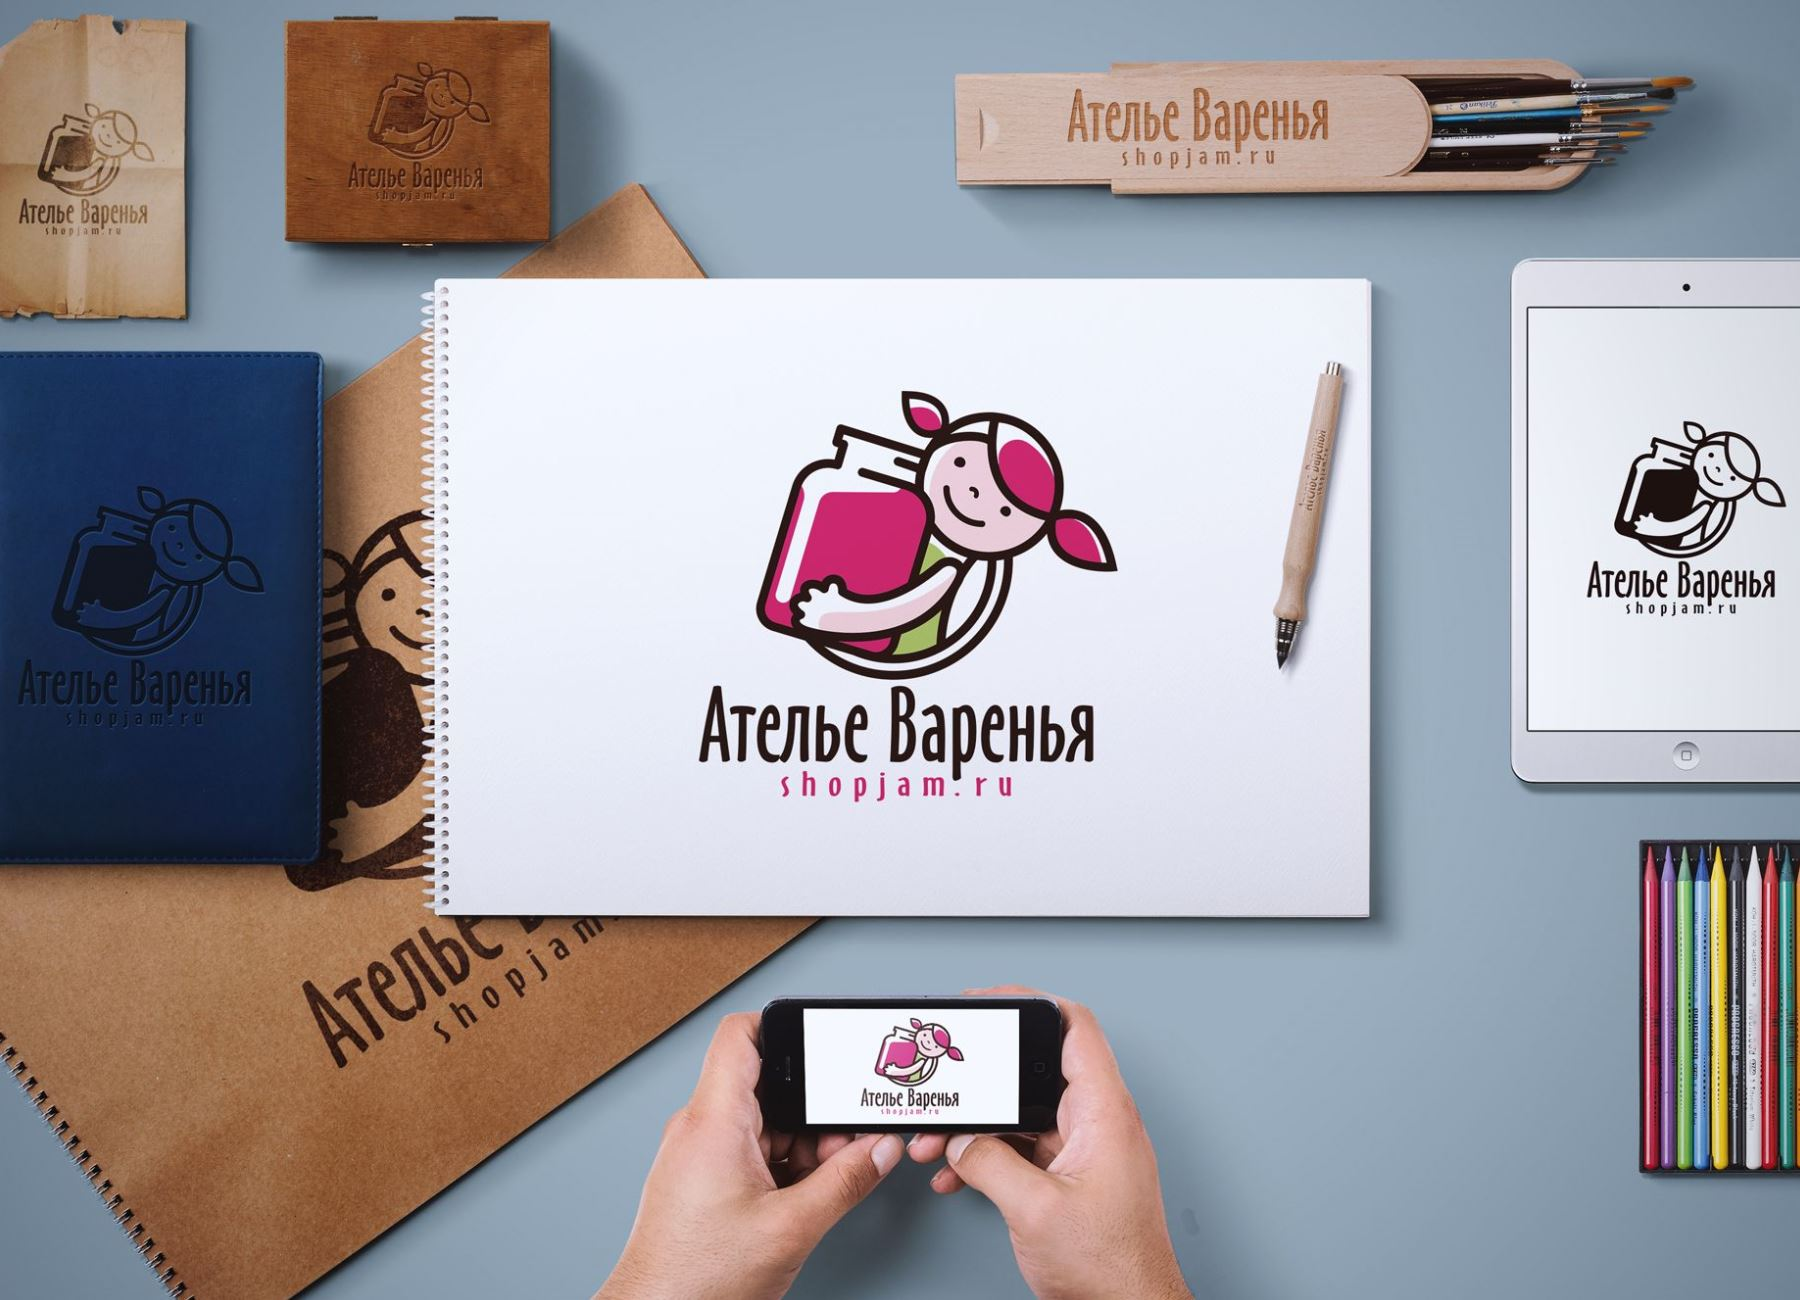 Ателье варенья - разработка логотипа